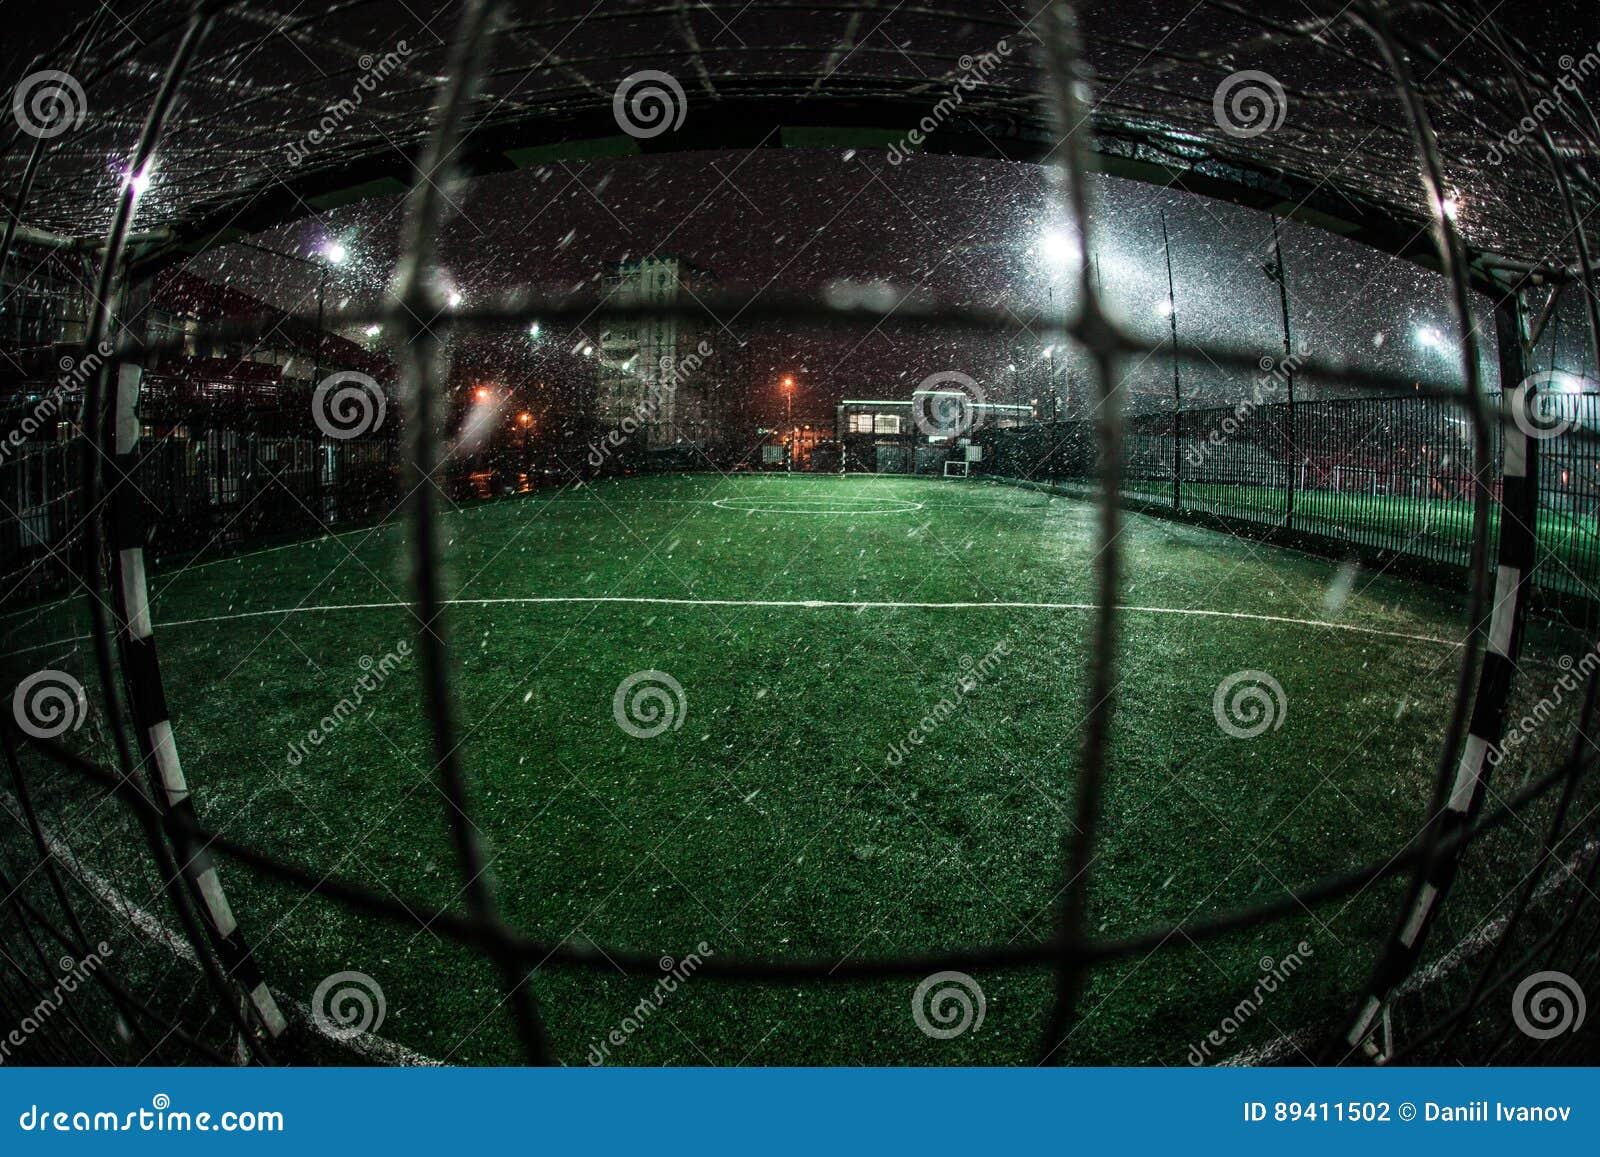 Arena do futebol em projetores brilhantes iluminados noite